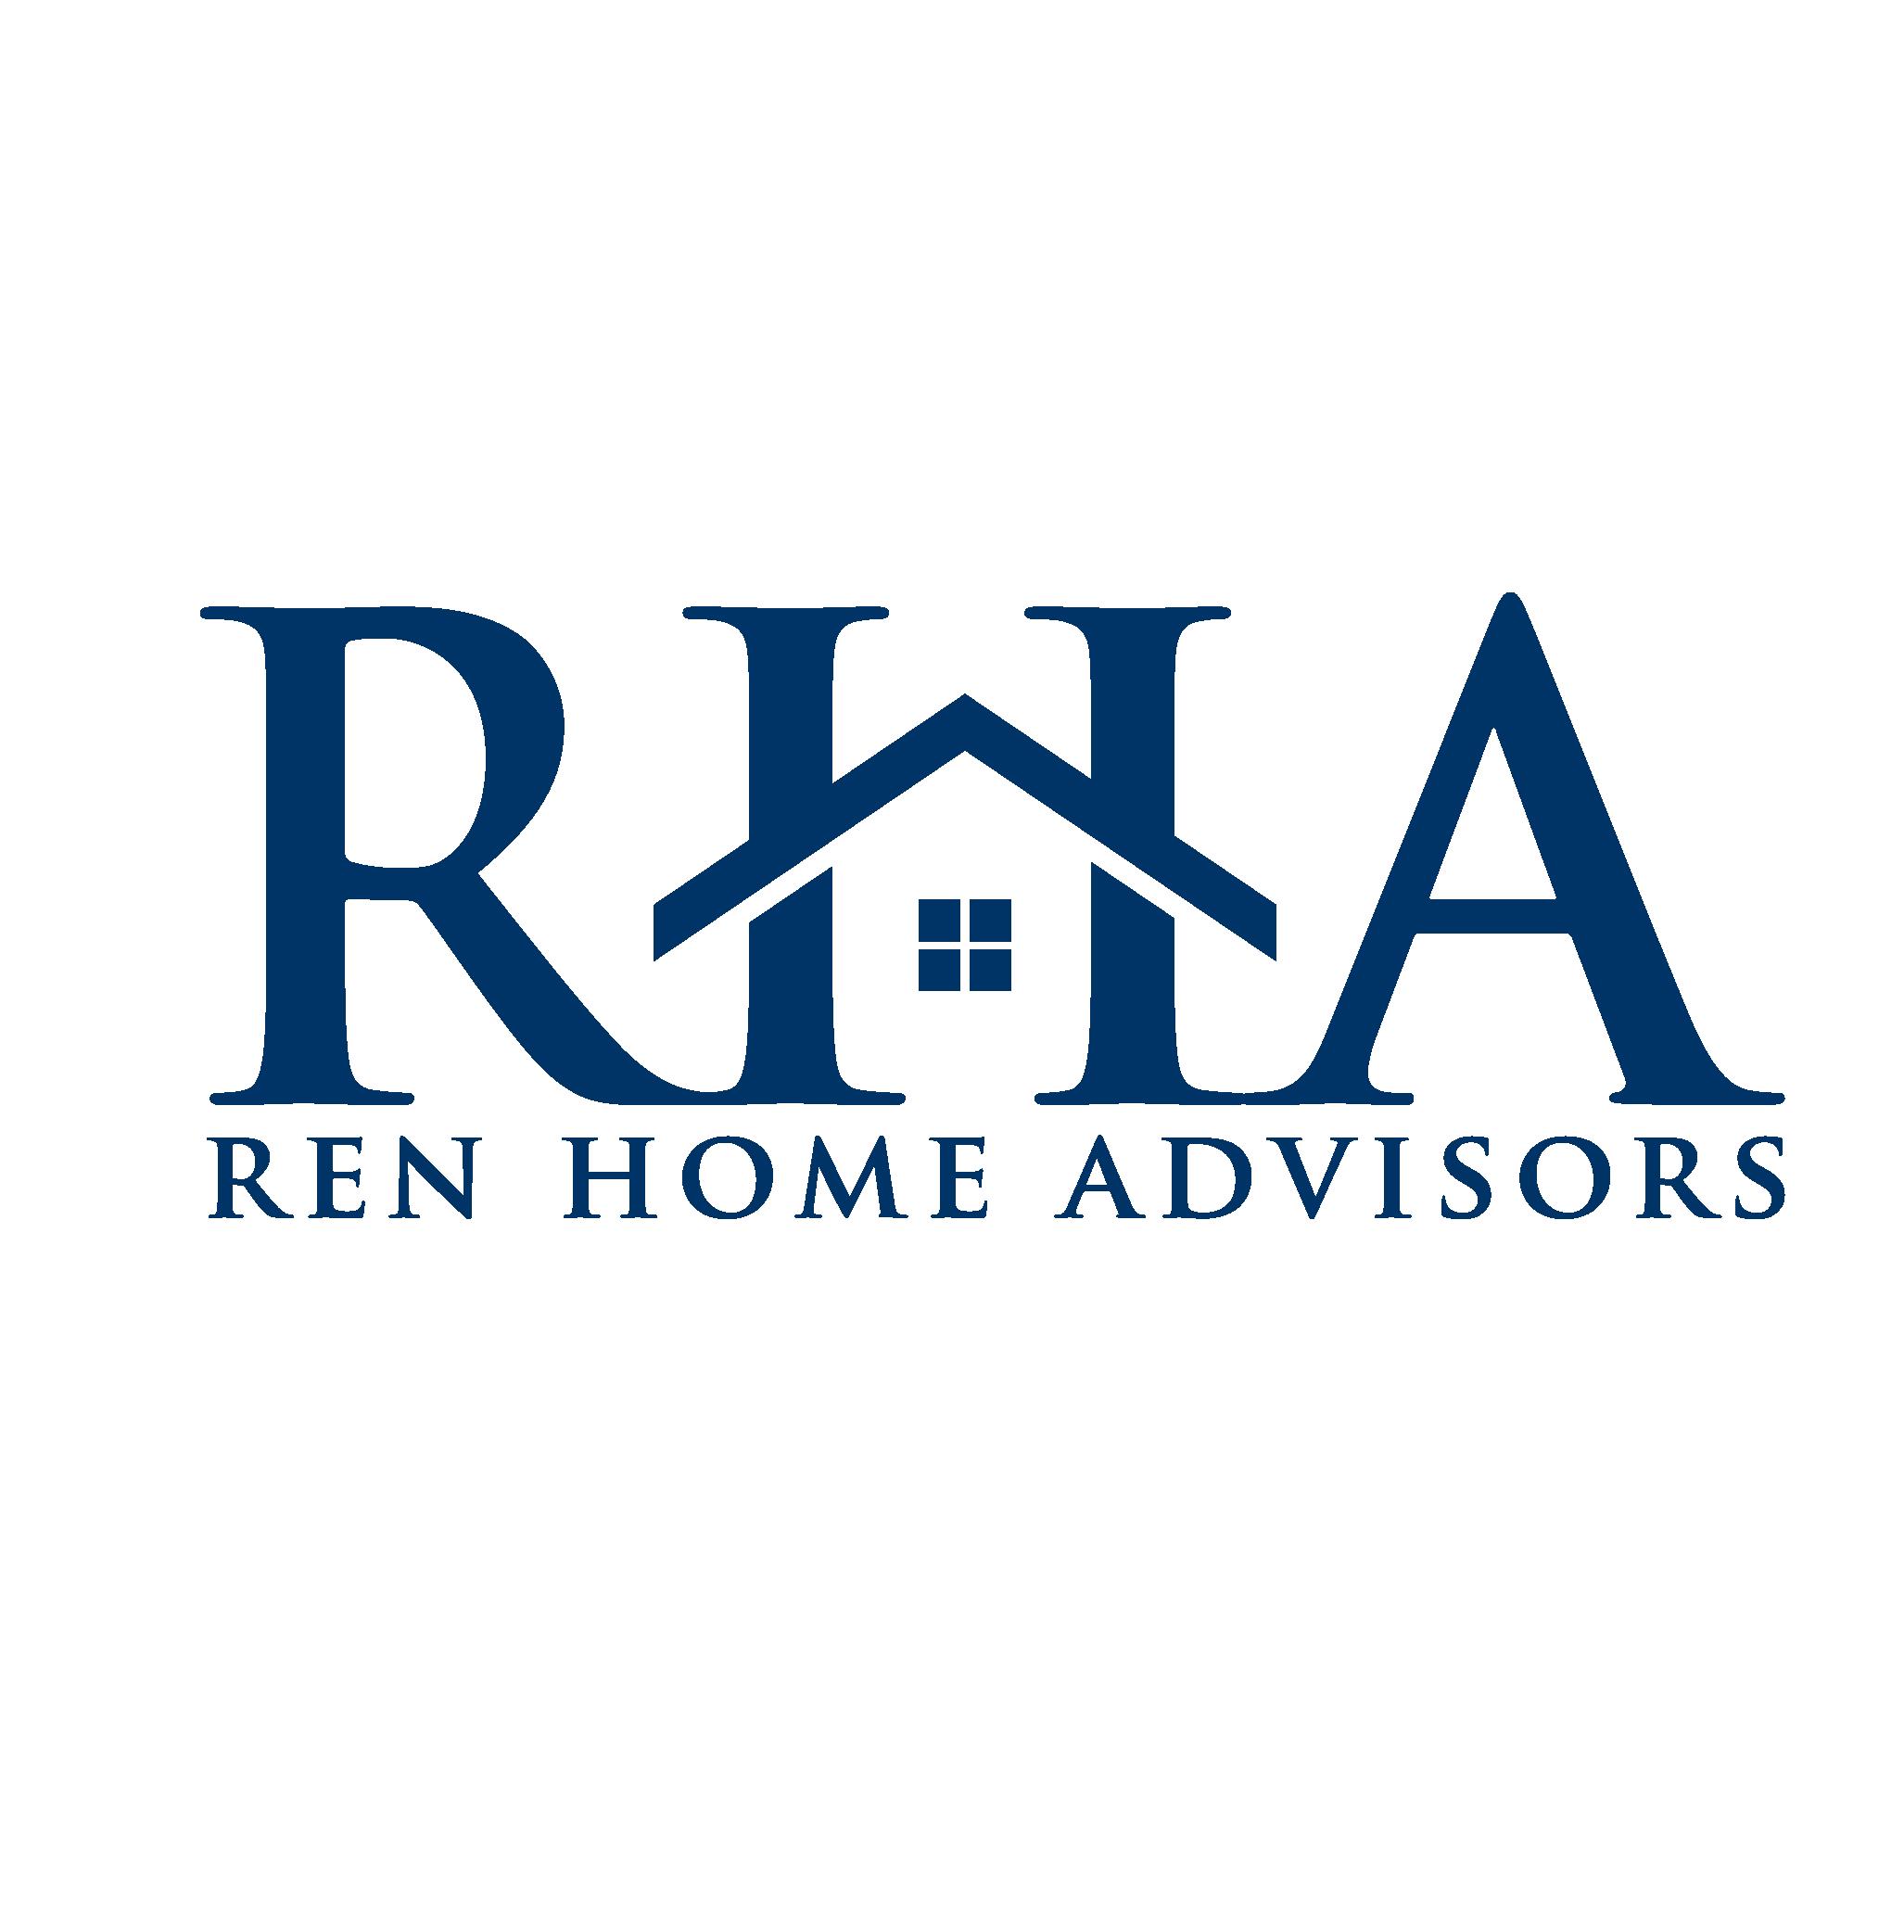 REN Home Advisors logo